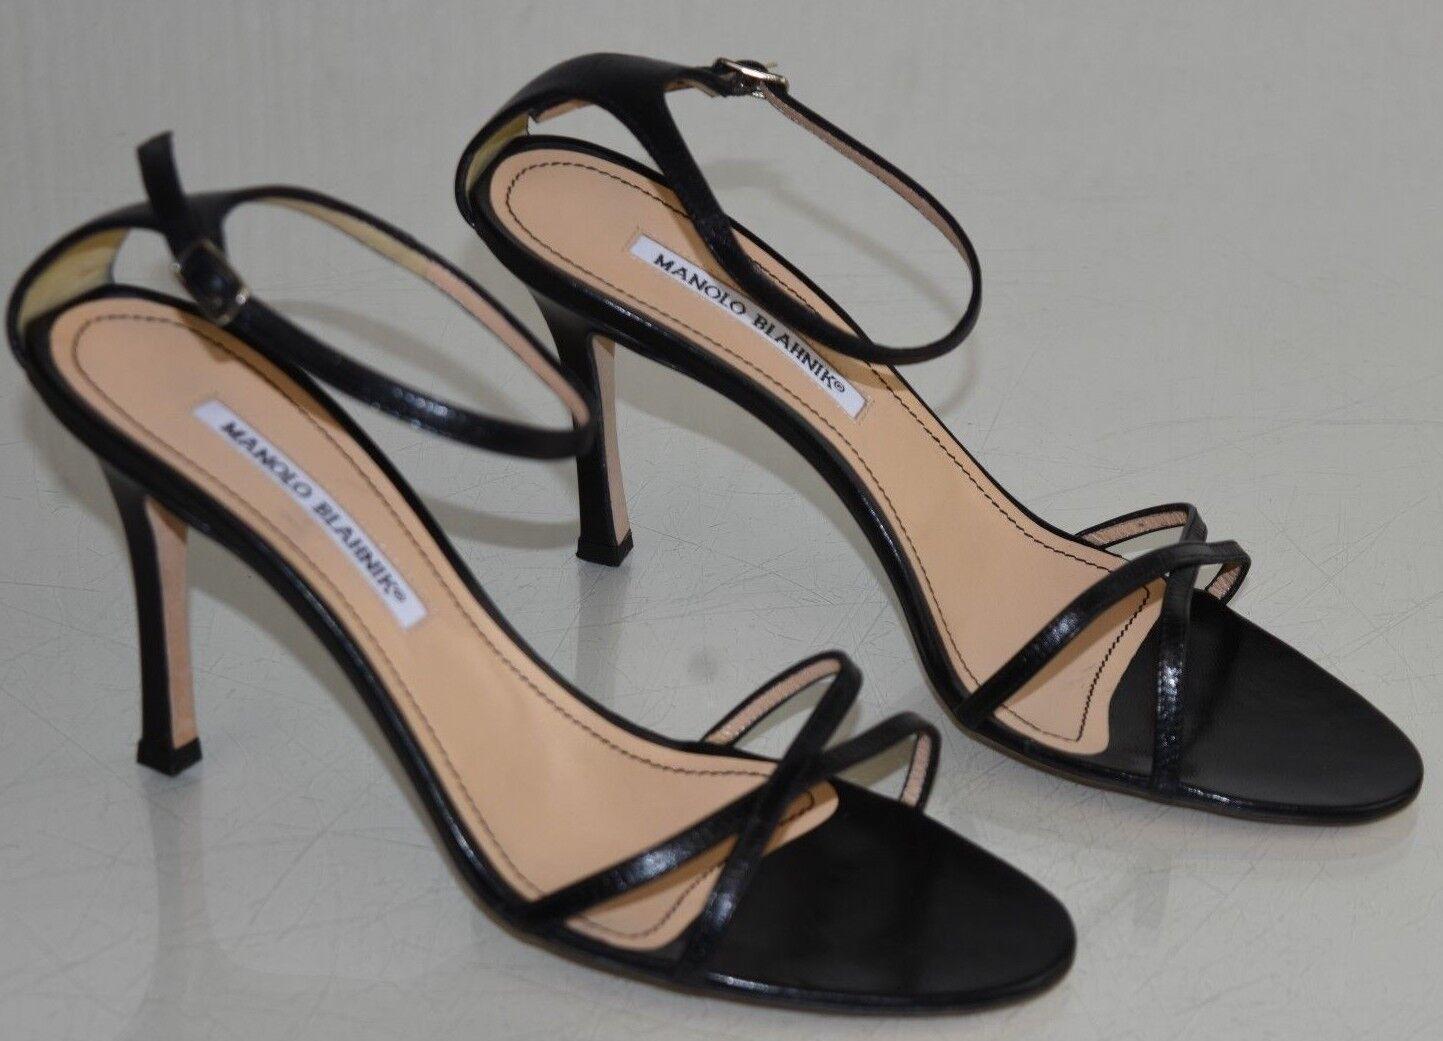 765 Nueva Manolo Blahnik Sandalias De Tiras Cuero Tacón Negro Correa De Tobillo Zapatos 40